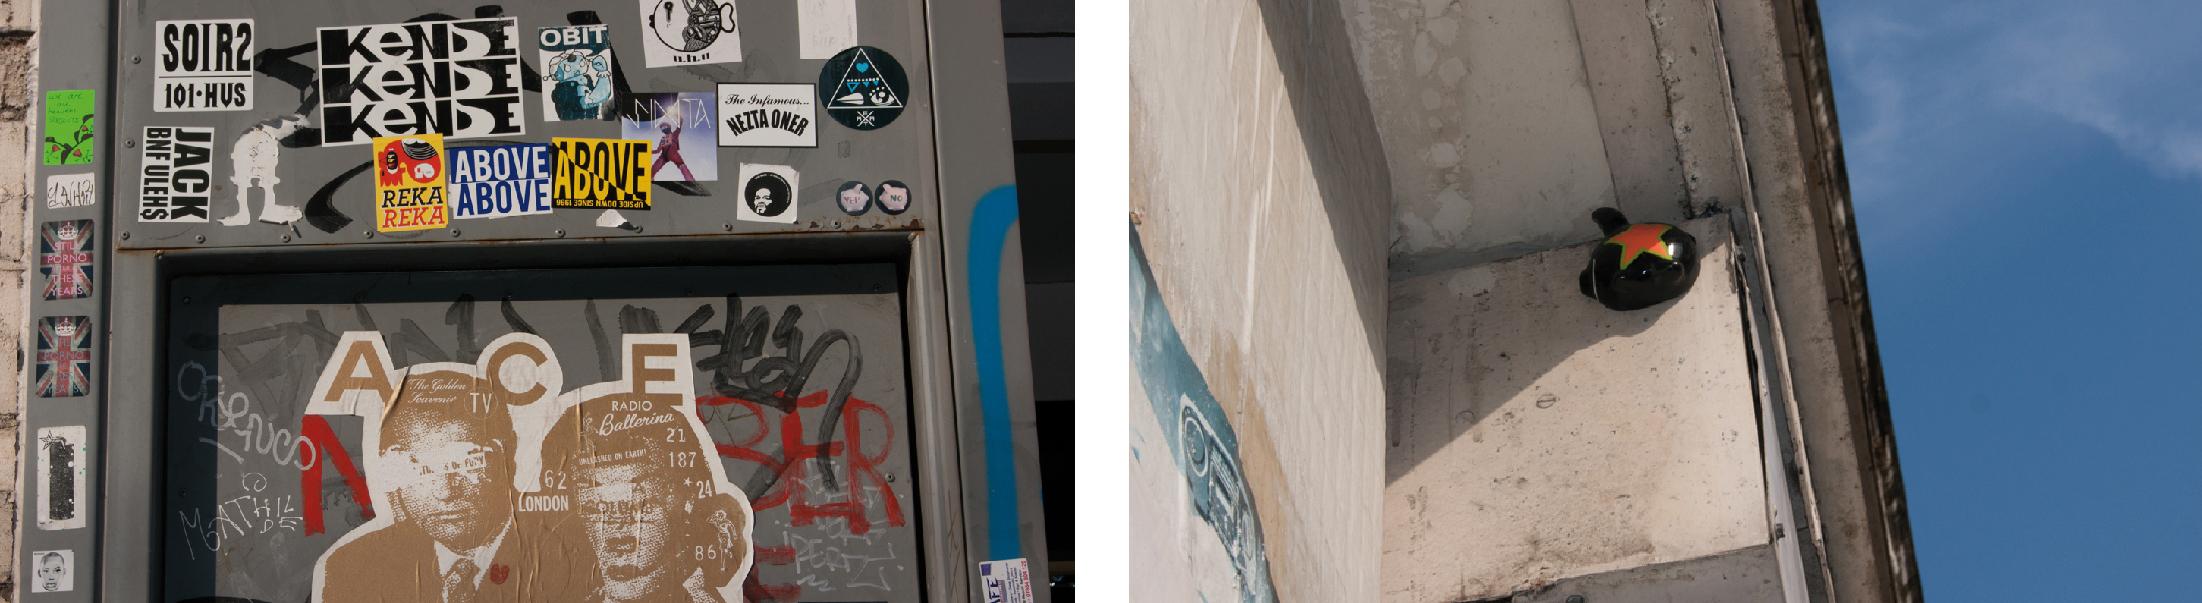 Interactive graffiti wall uk - Hackneyofficial